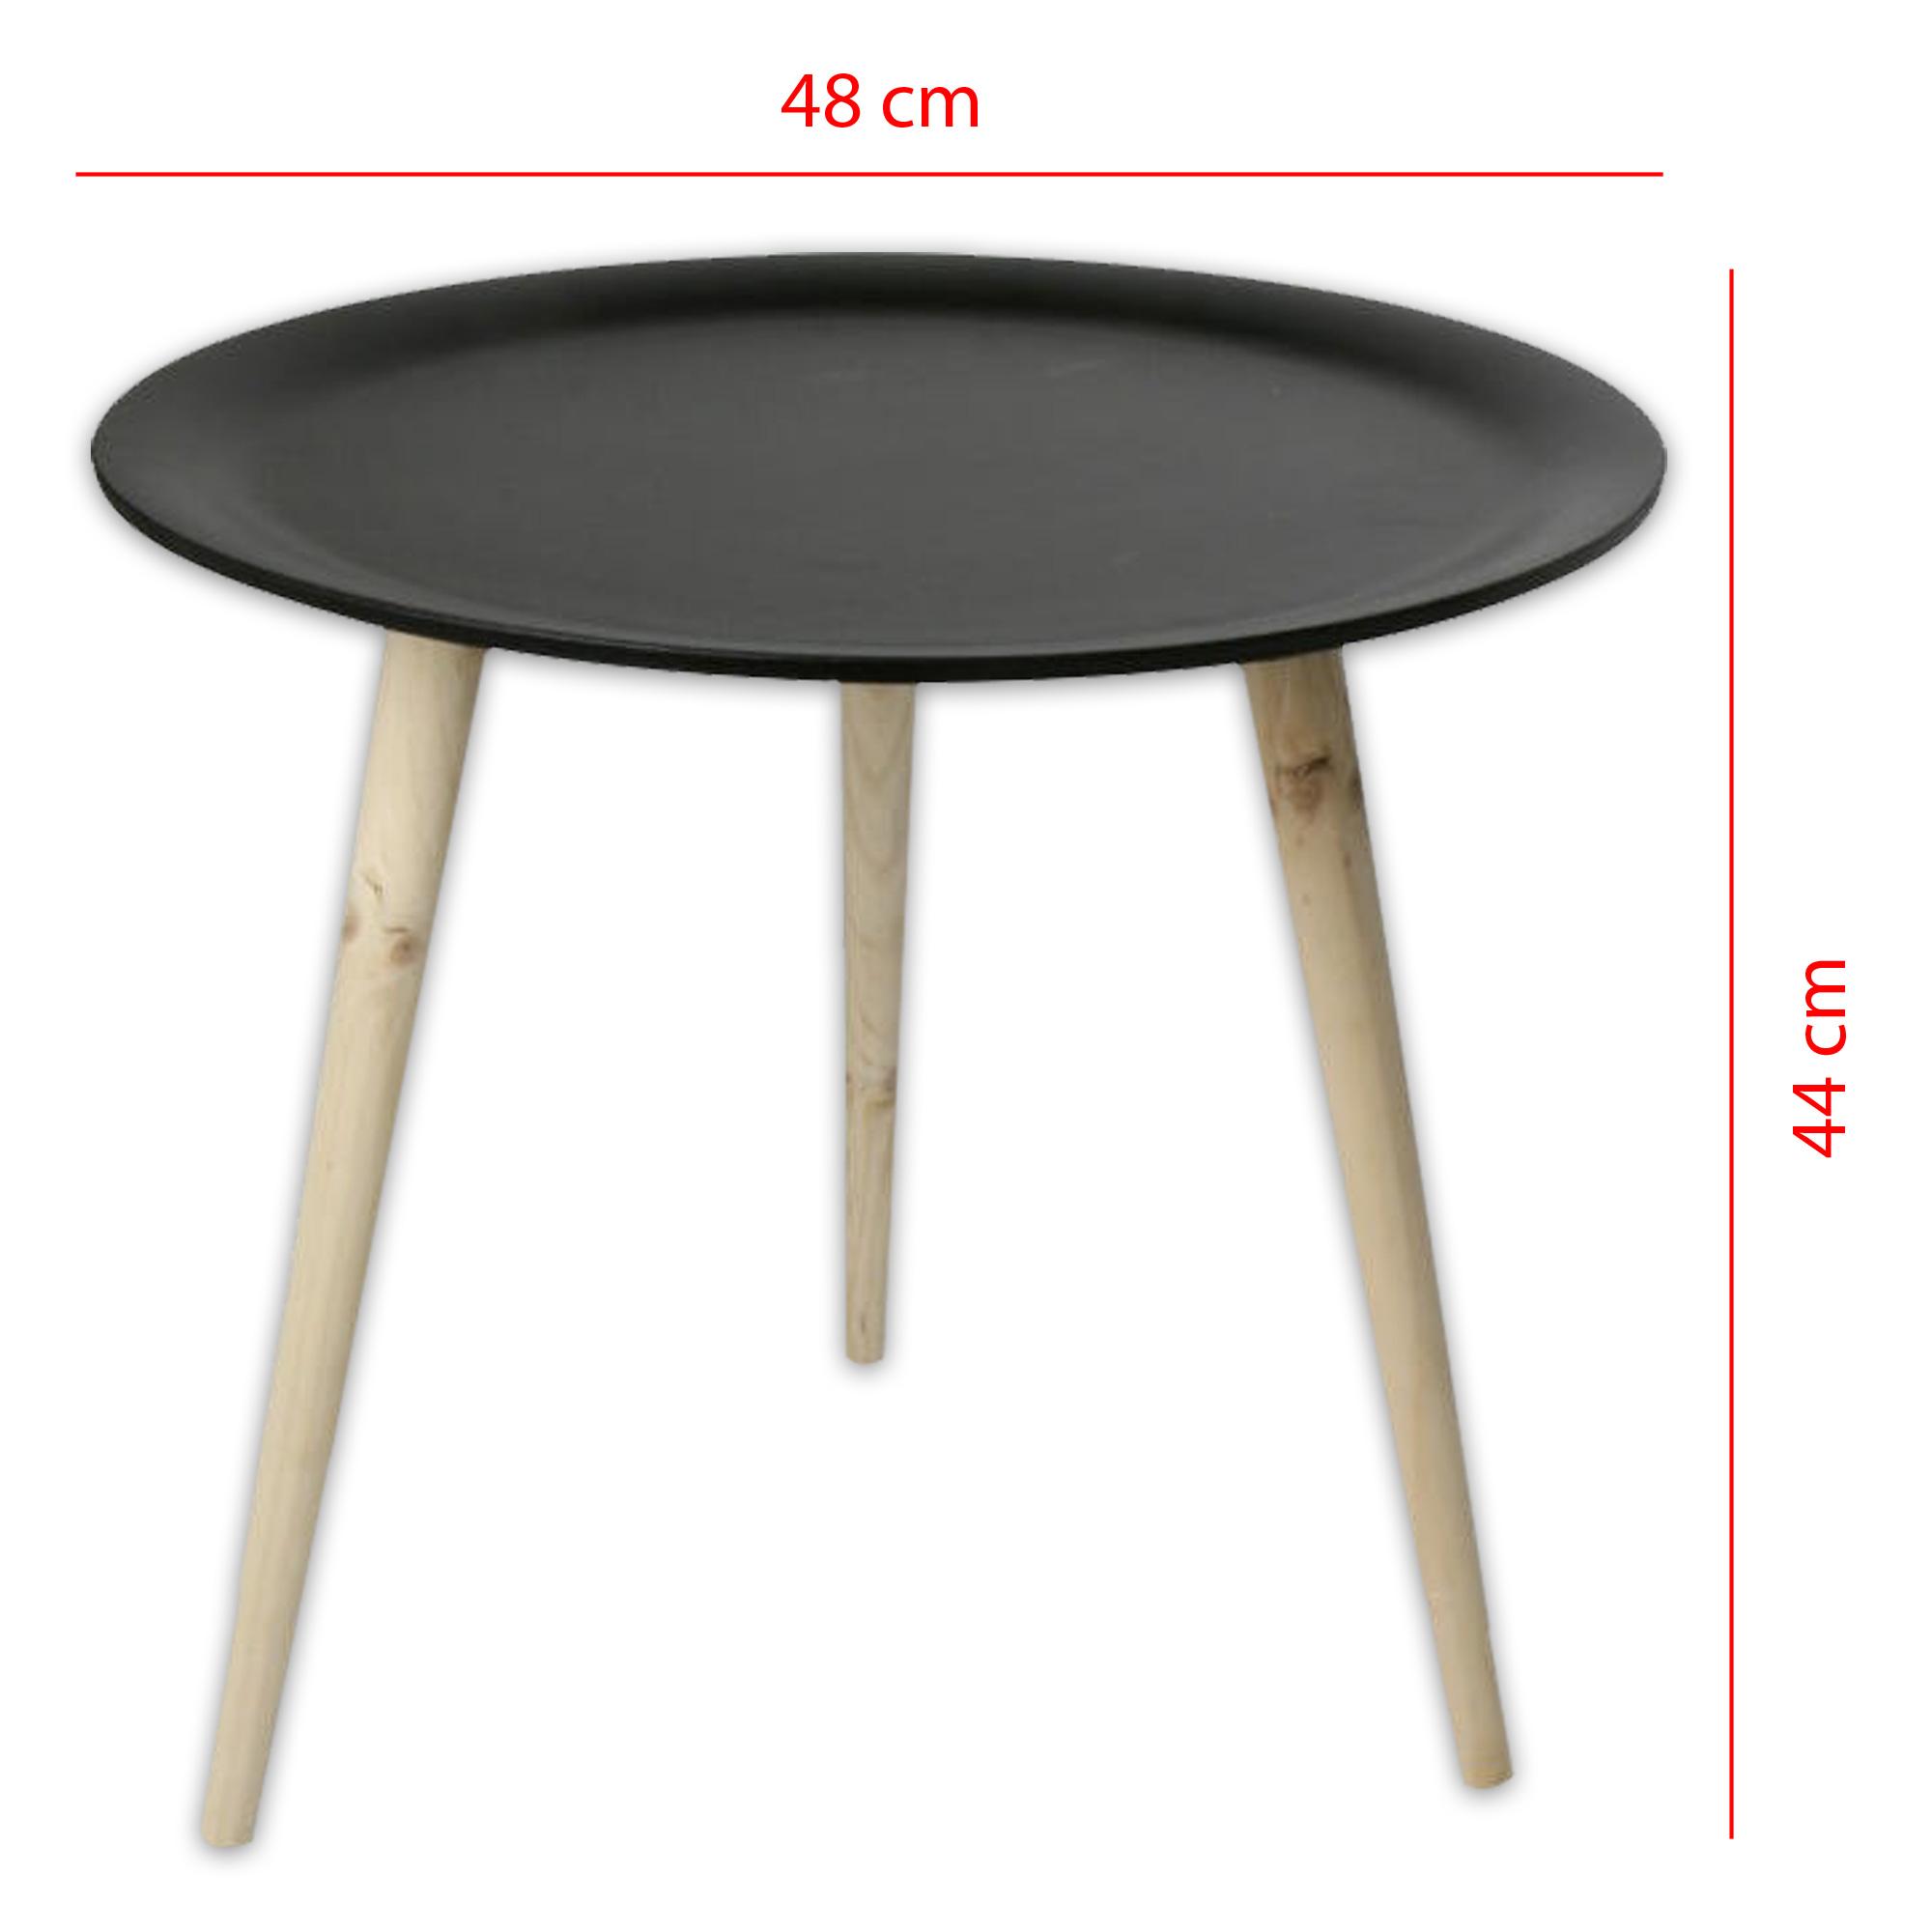 tisch holztisch im retro stil aus kiefernholz 38 cm 48 cm in schwarz weiss ebay. Black Bedroom Furniture Sets. Home Design Ideas